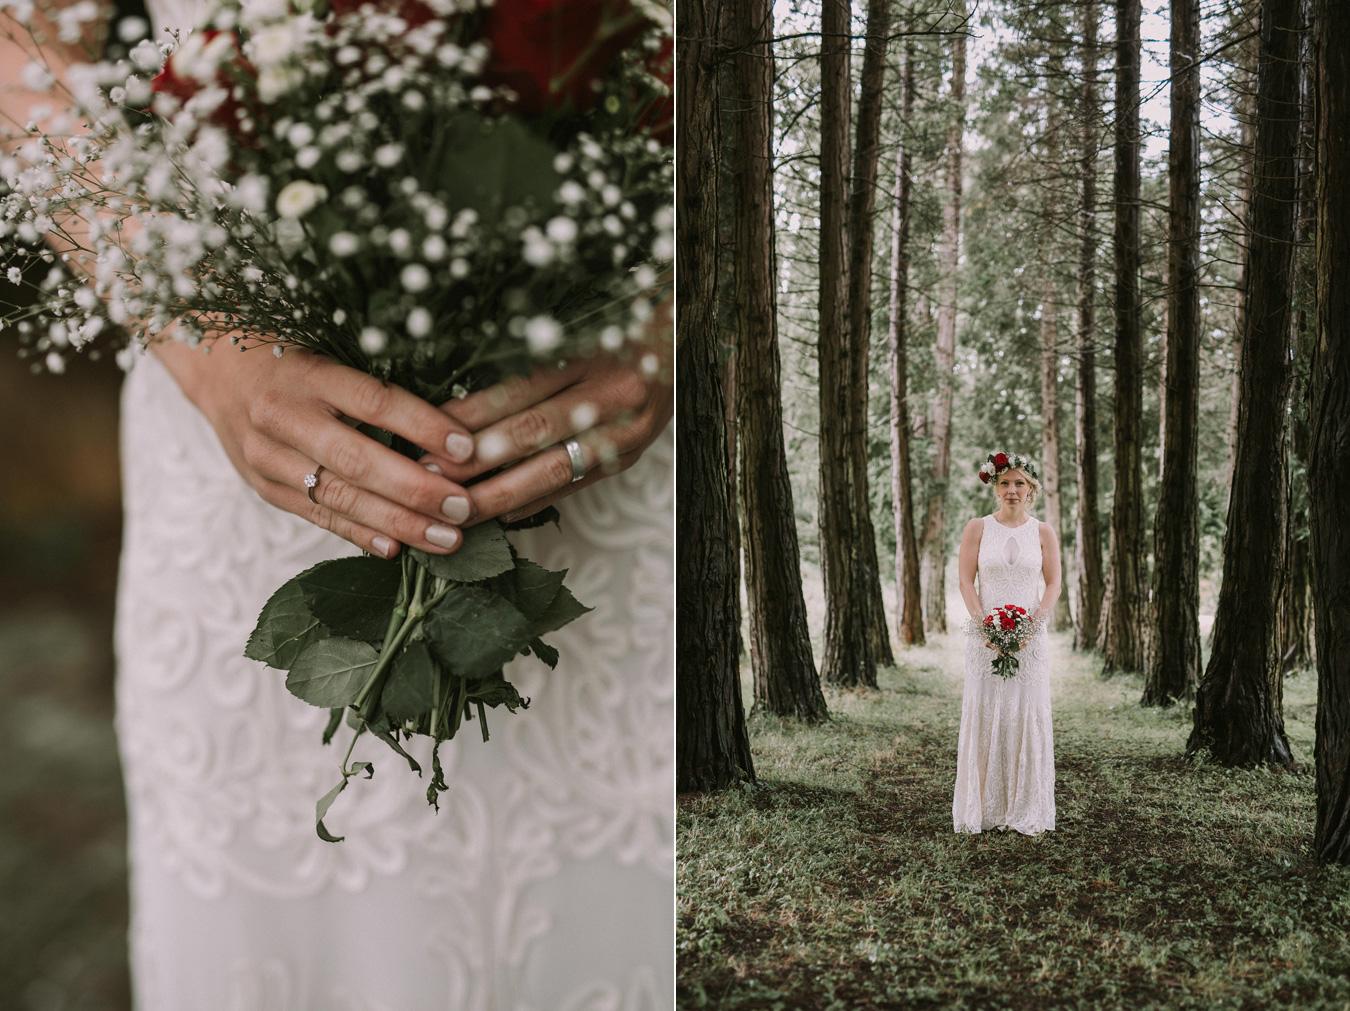 033-bryllupsfotograf-oslo-drobak-laavebryllup-tone-tvedt.jpg